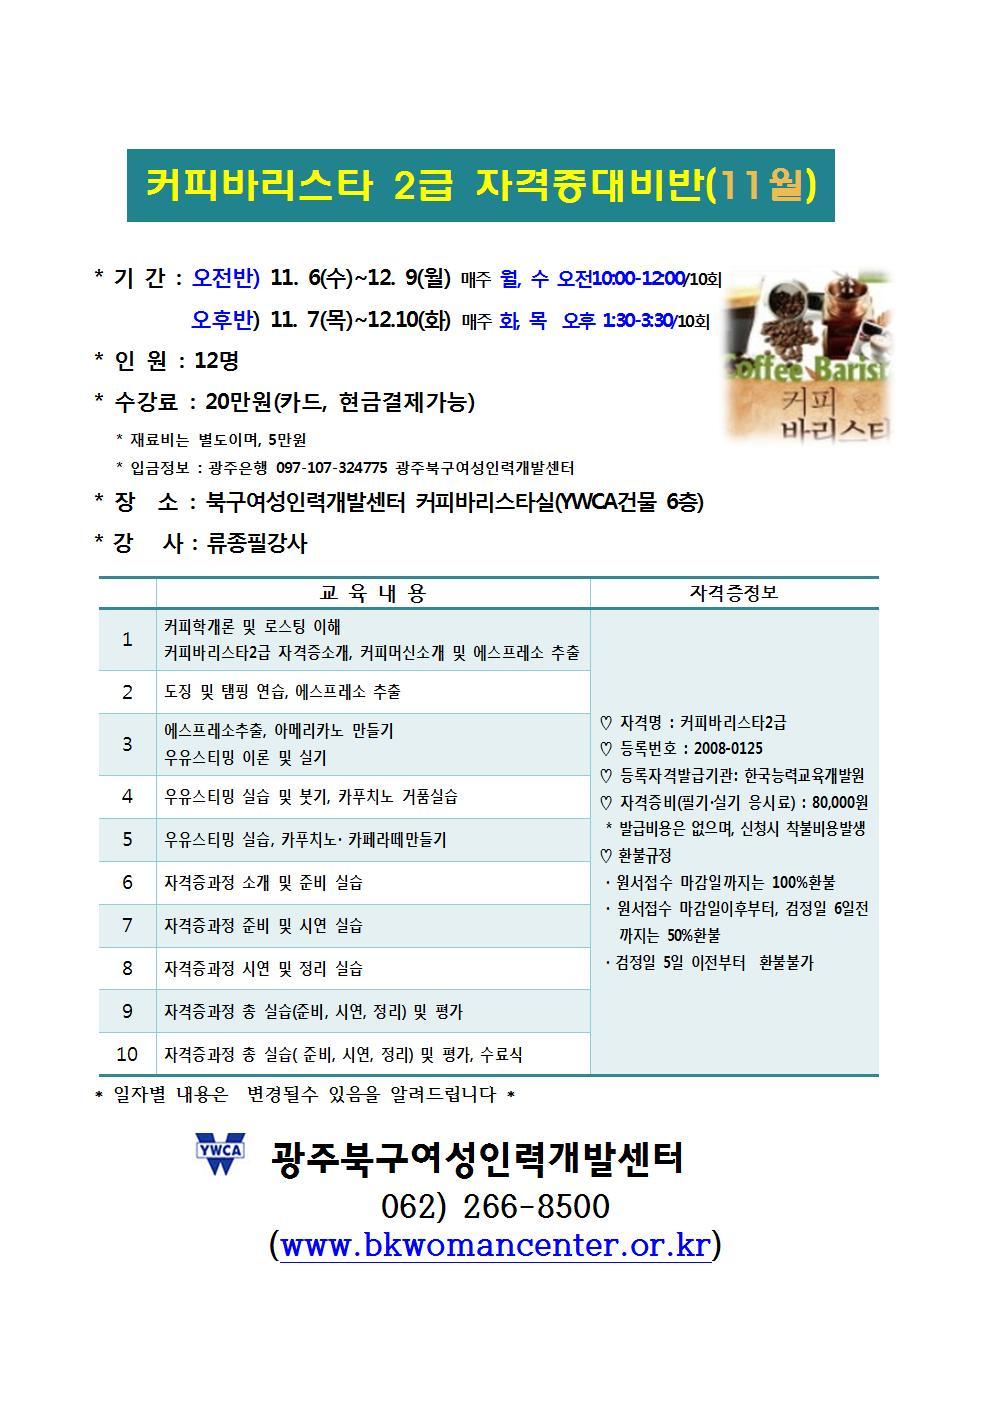 커피바리스타2급 자격증대비반(11월)001